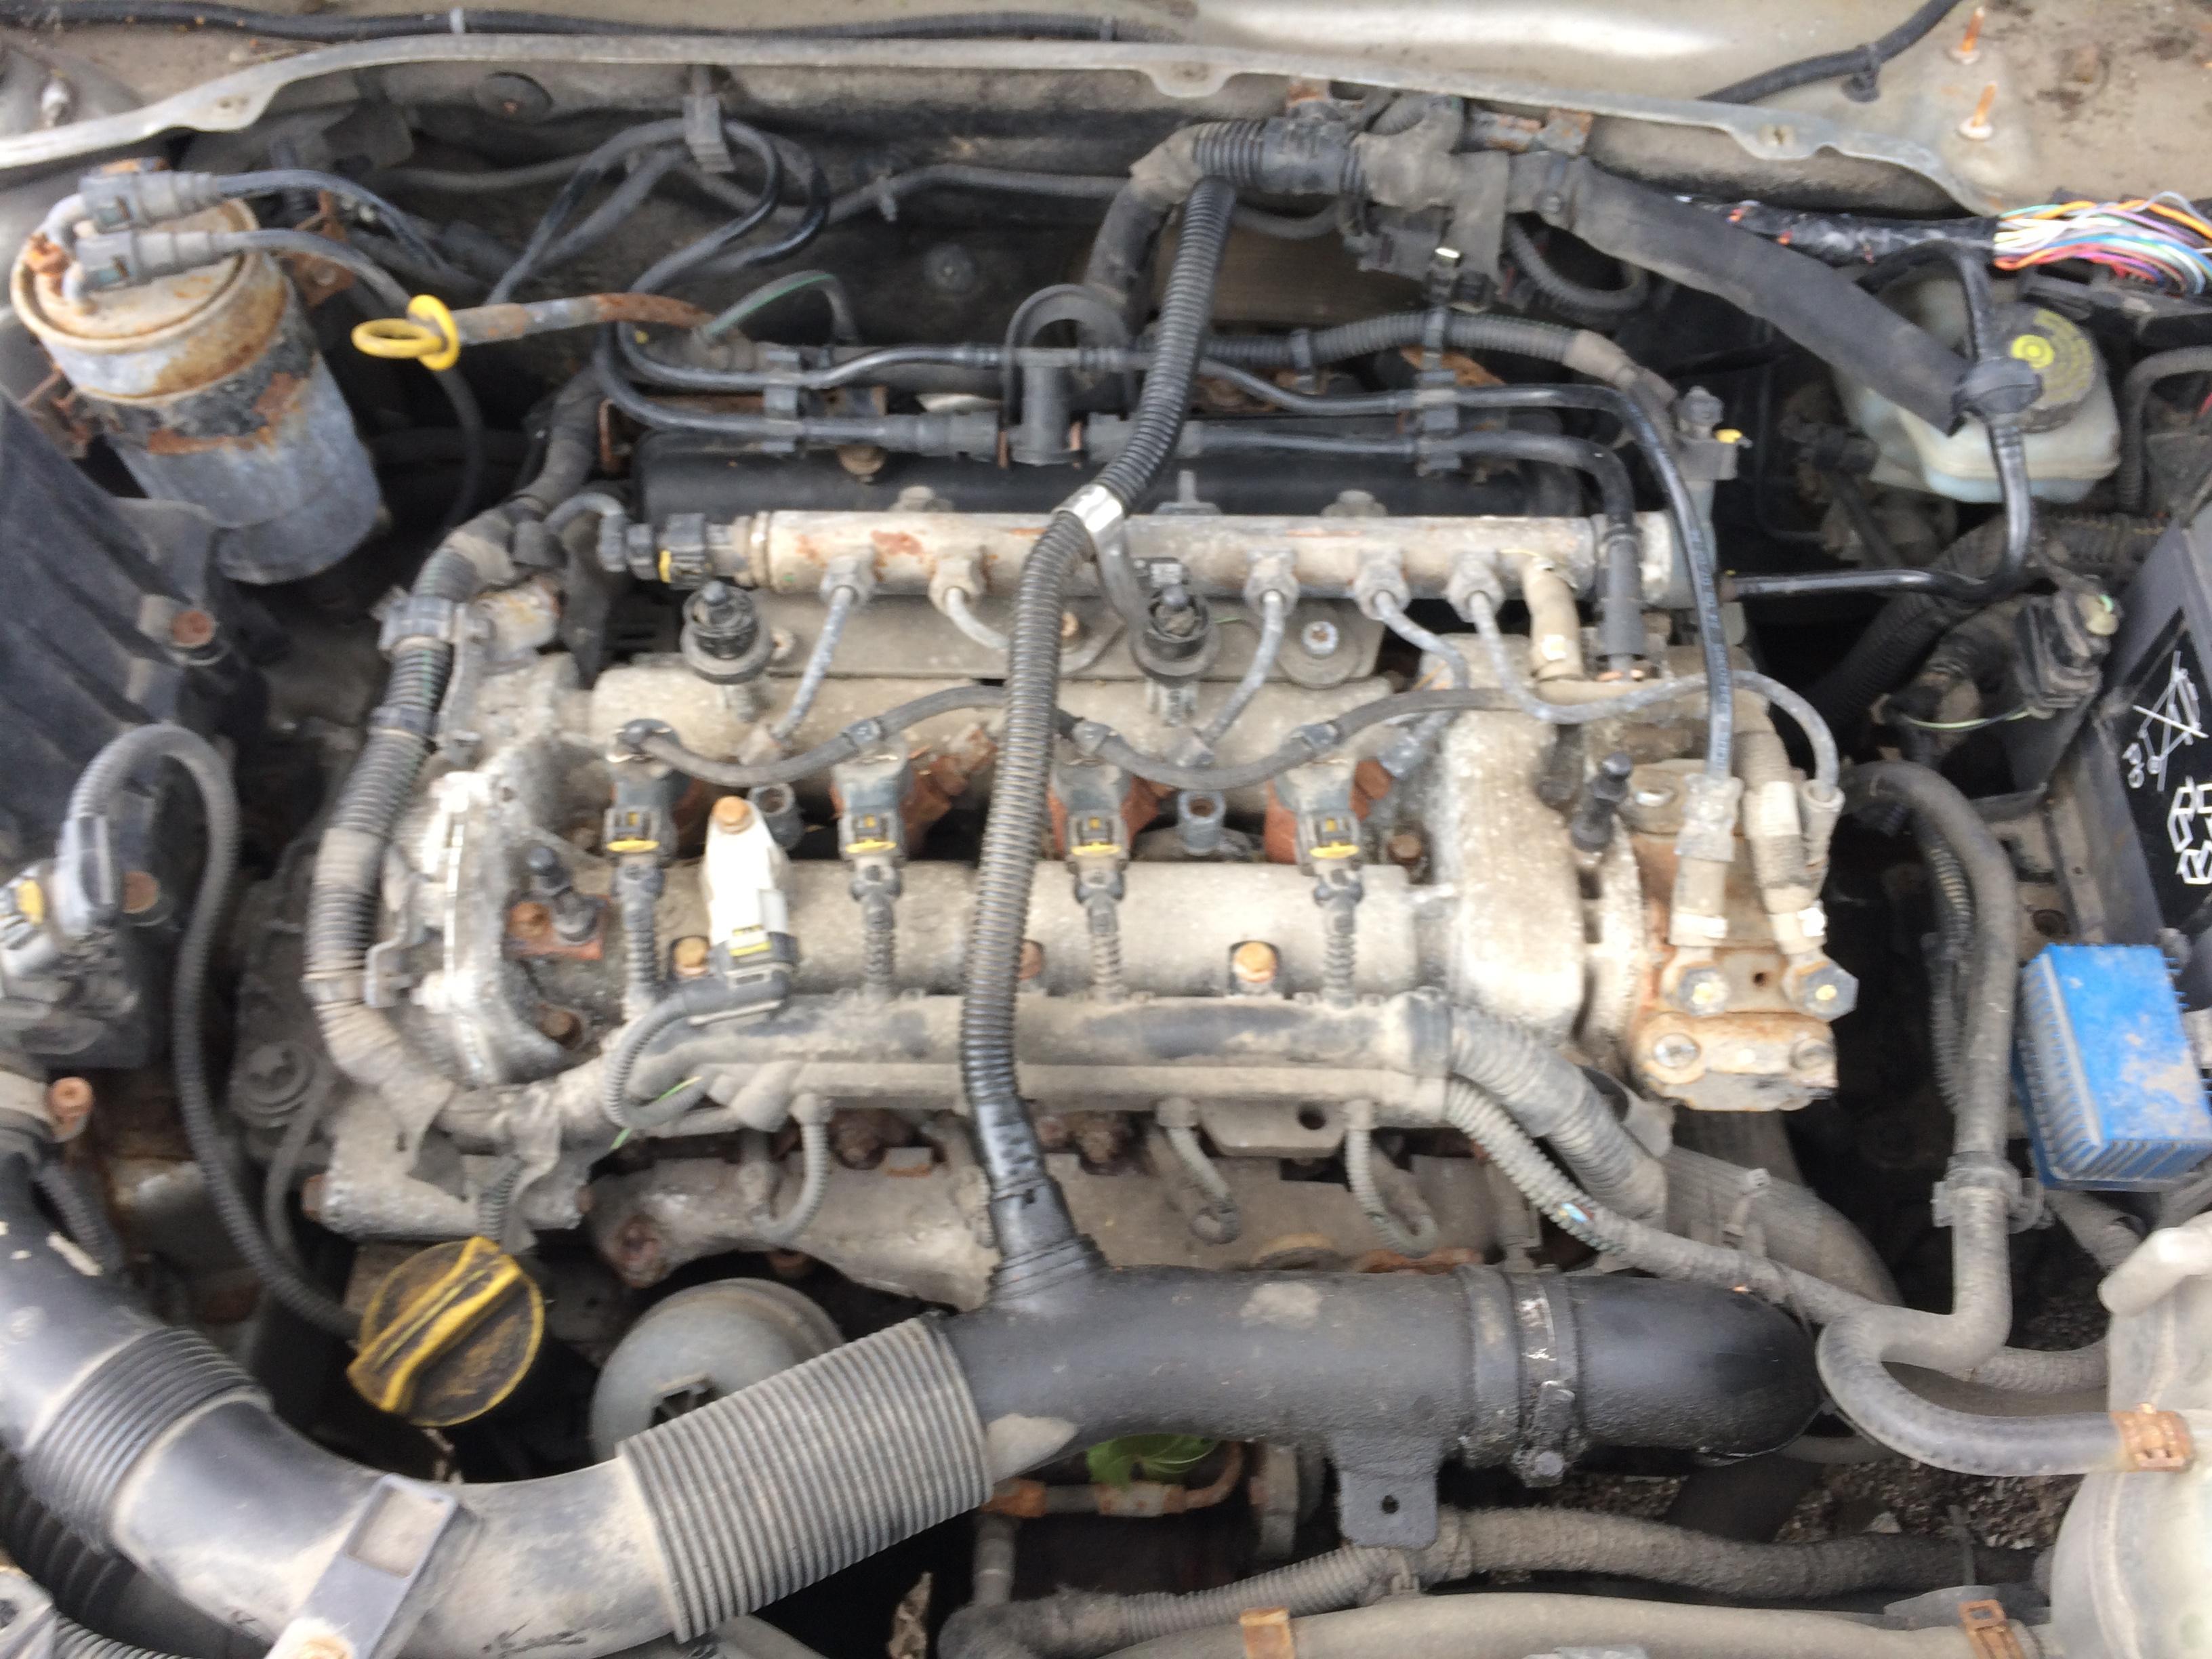 Подержанные Автозапчасти Foto 2 Opel CORSA 2008 1.3 машиностроение хэтчбэк 2/3 d. Серый 2018-7-11 A3933